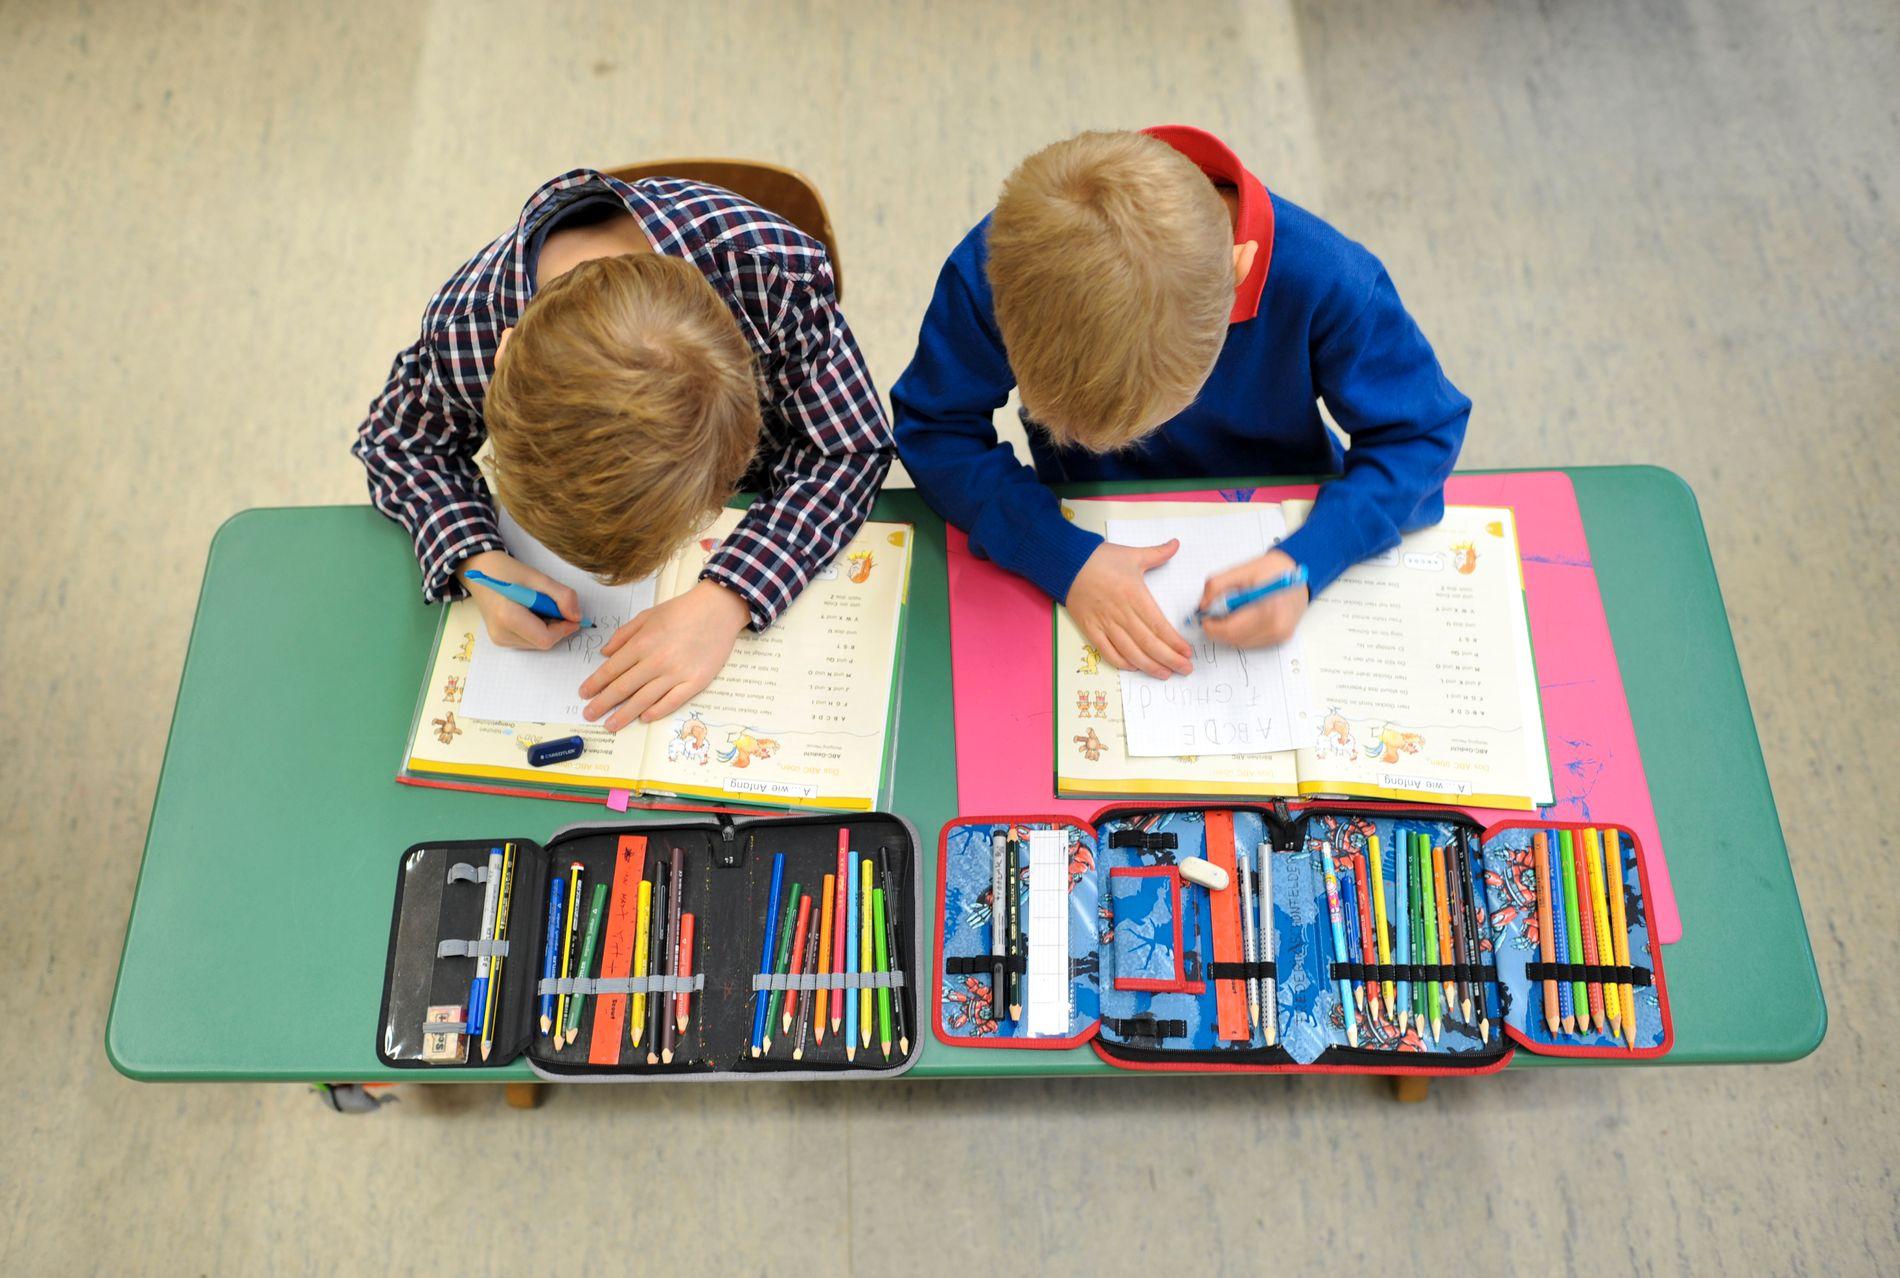 FÆRRE ELEVER: Skal skolen kunne utvikle hver eneste elev til den beste utgaven av seg selv, må det ikke være for mange elever å følge opp for den enkelte lærer, skriver innsender.